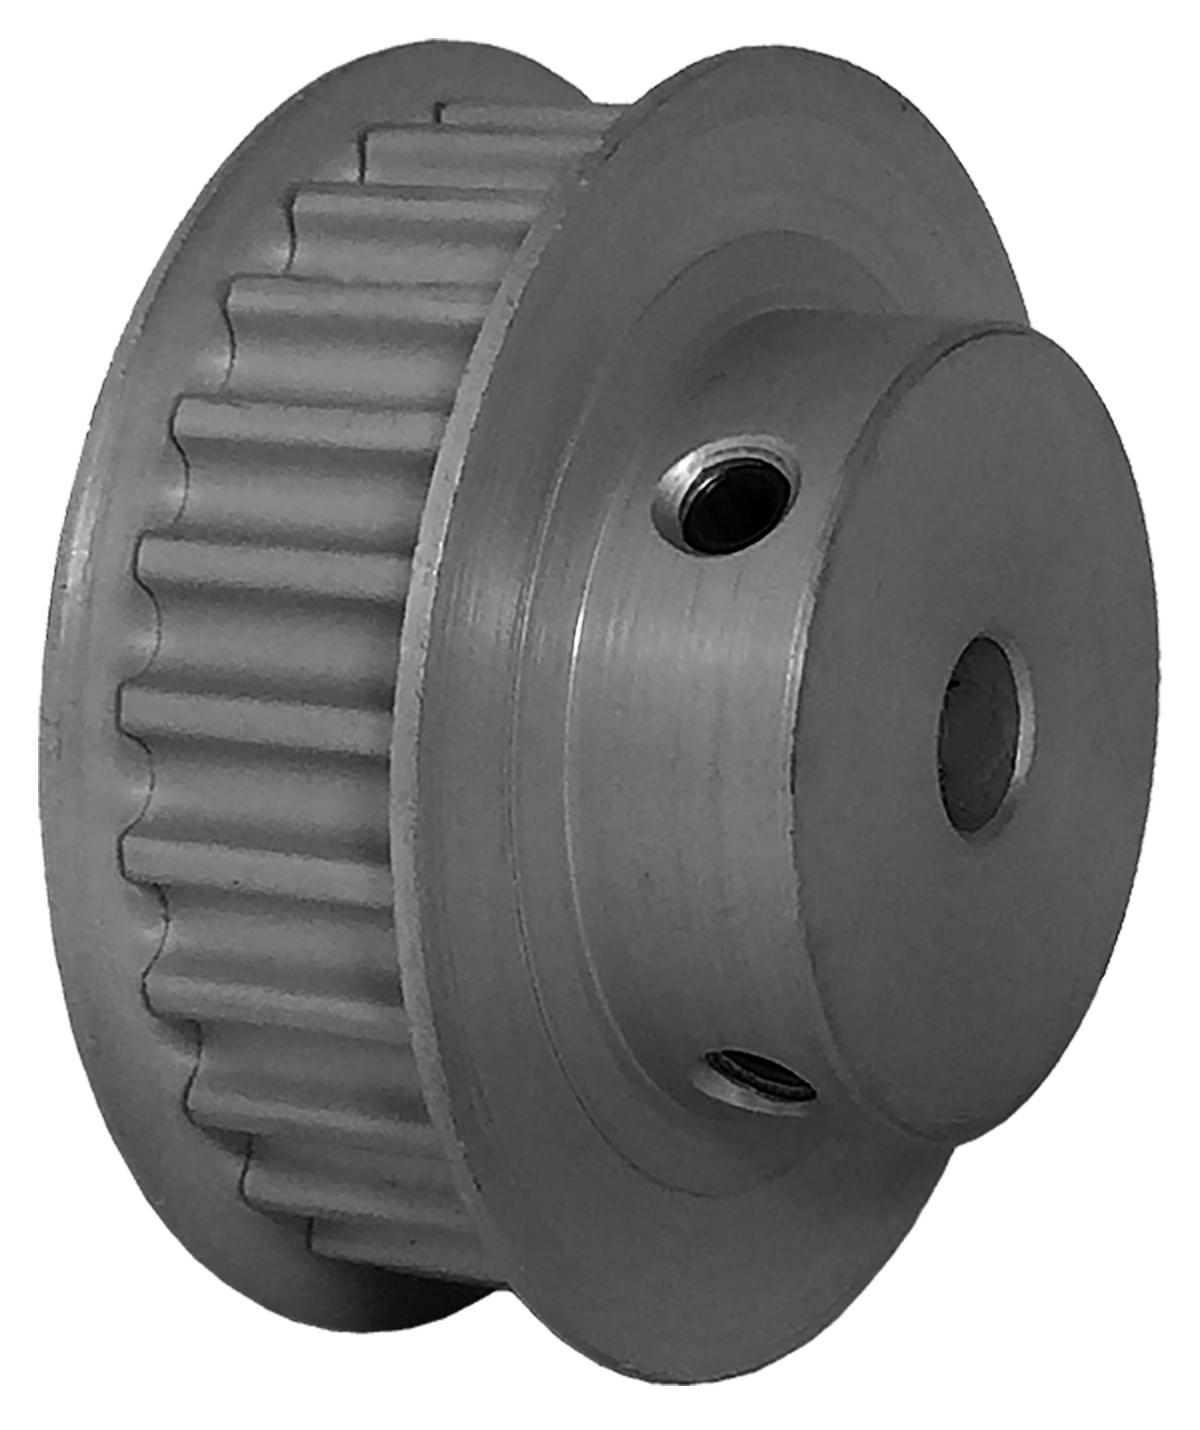 26-5P09-6FA3 - Aluminum Powerhouse® Pulleys